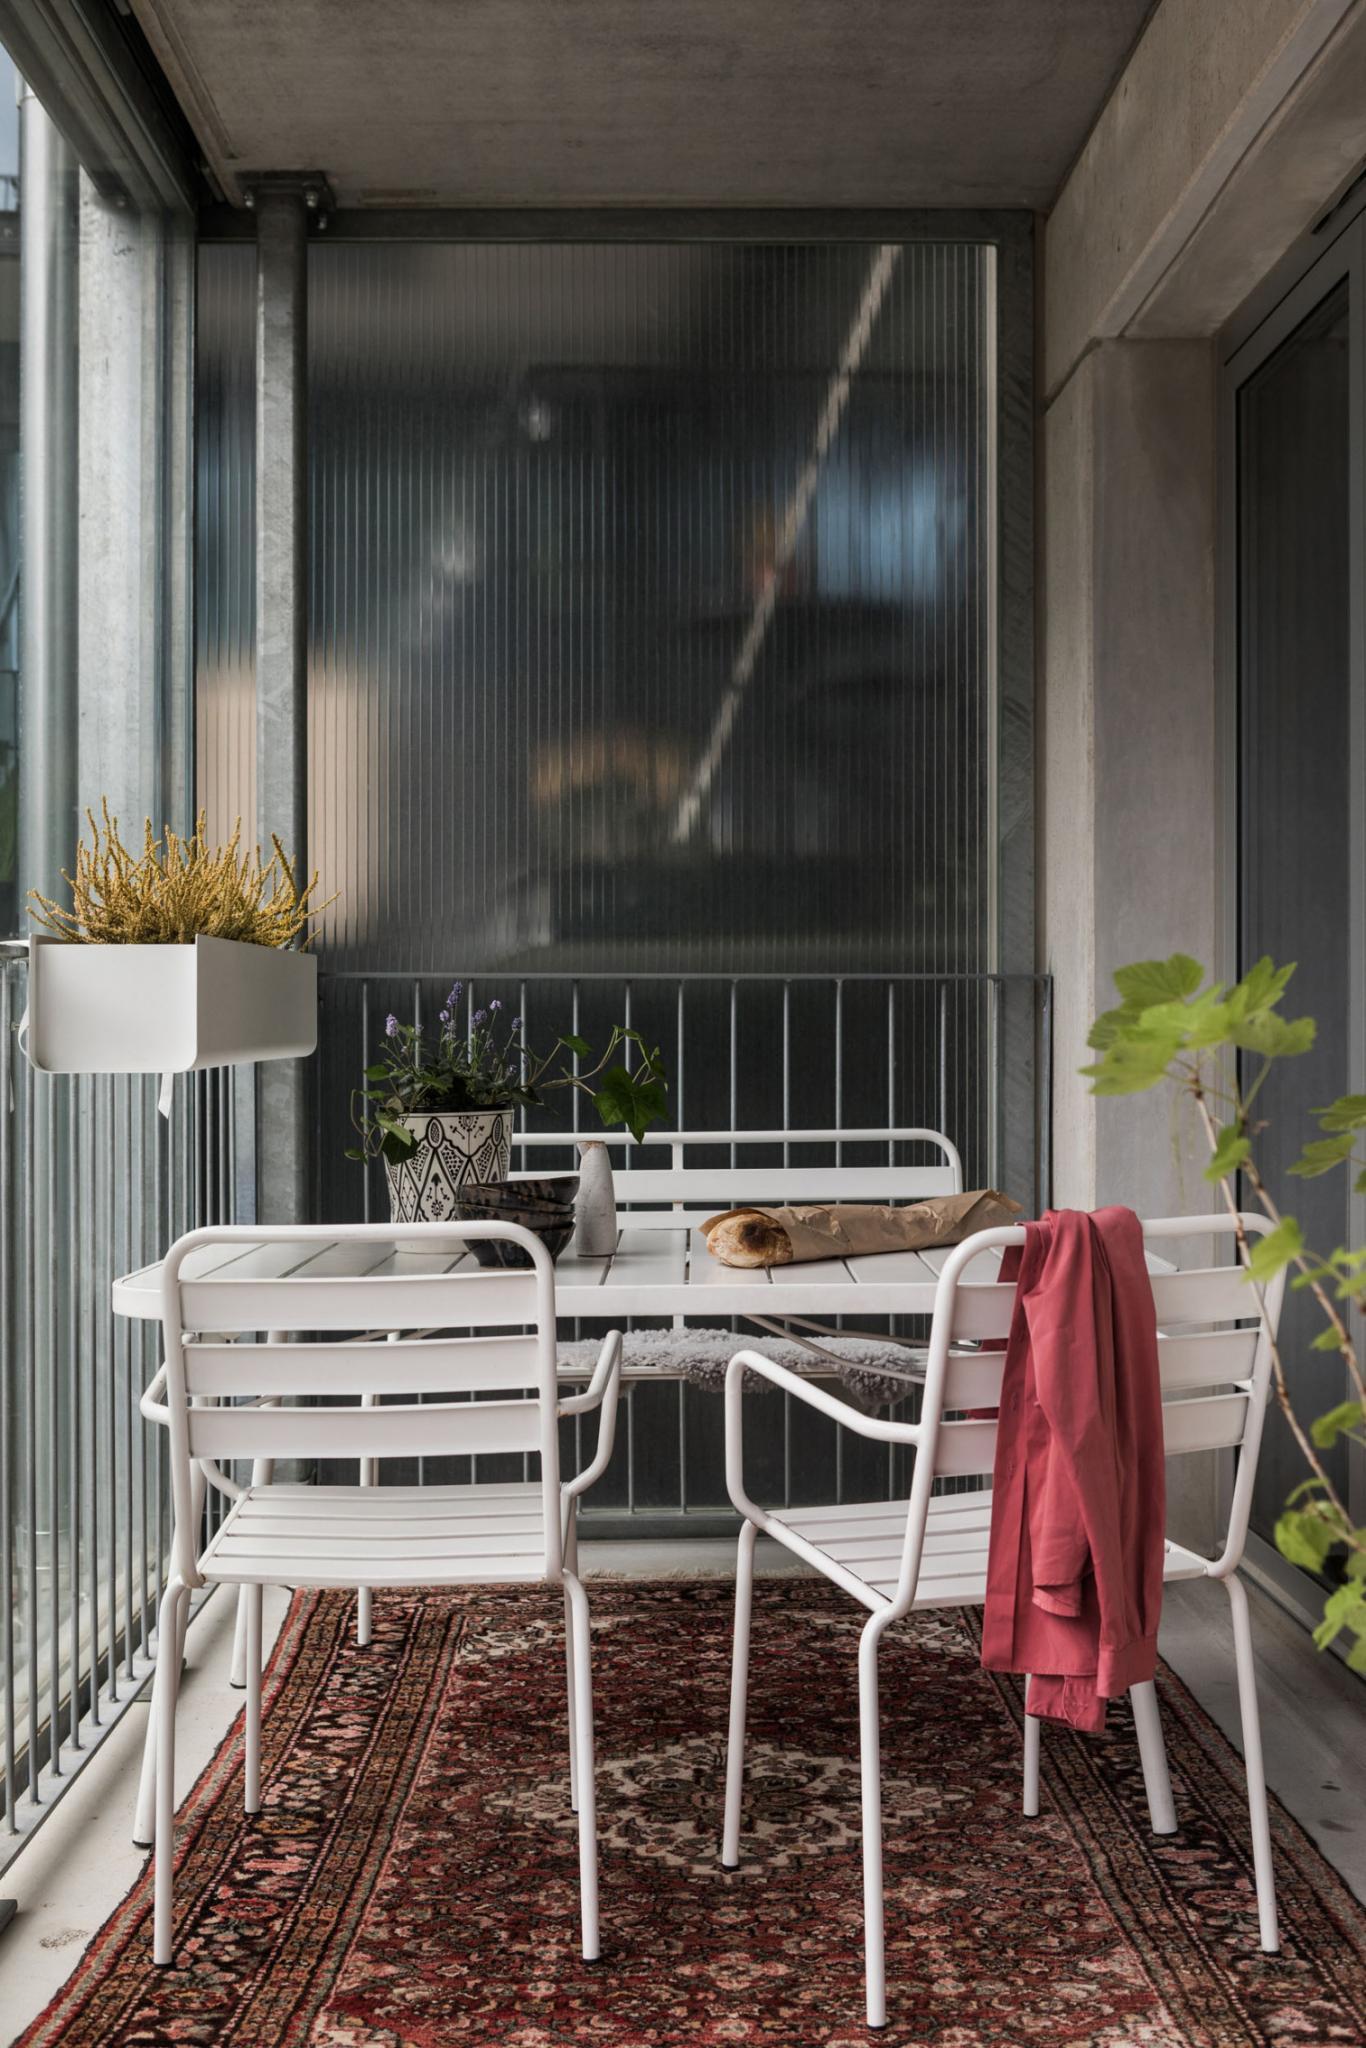 Rug on balcony